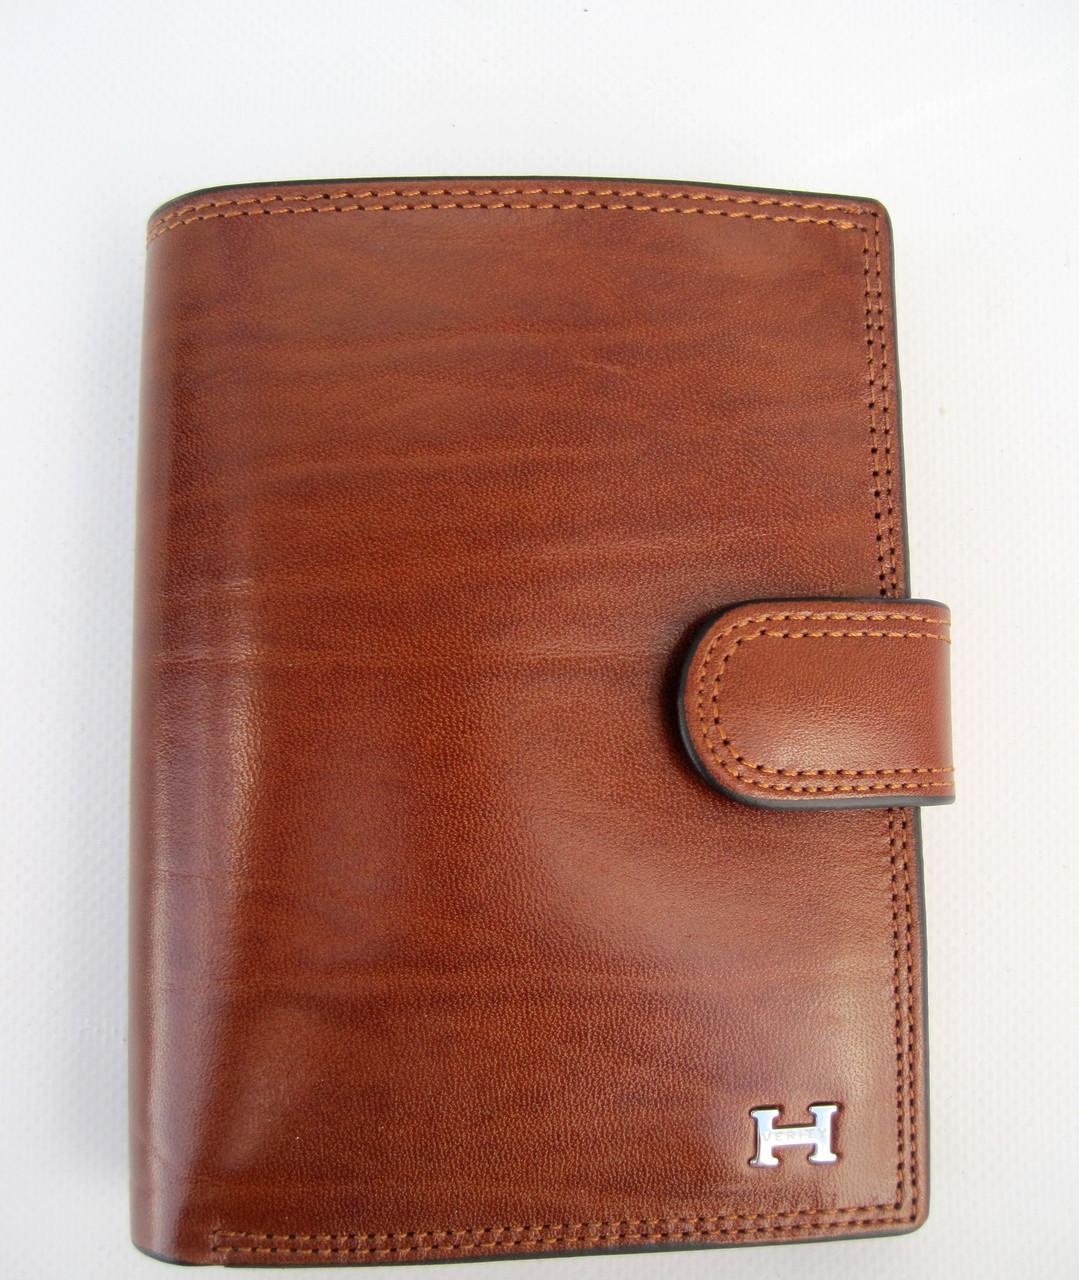 Мужское кожаное портмоне VERITY VE-025-22 brown кожаное портмоне и кожаные кошельки оптом